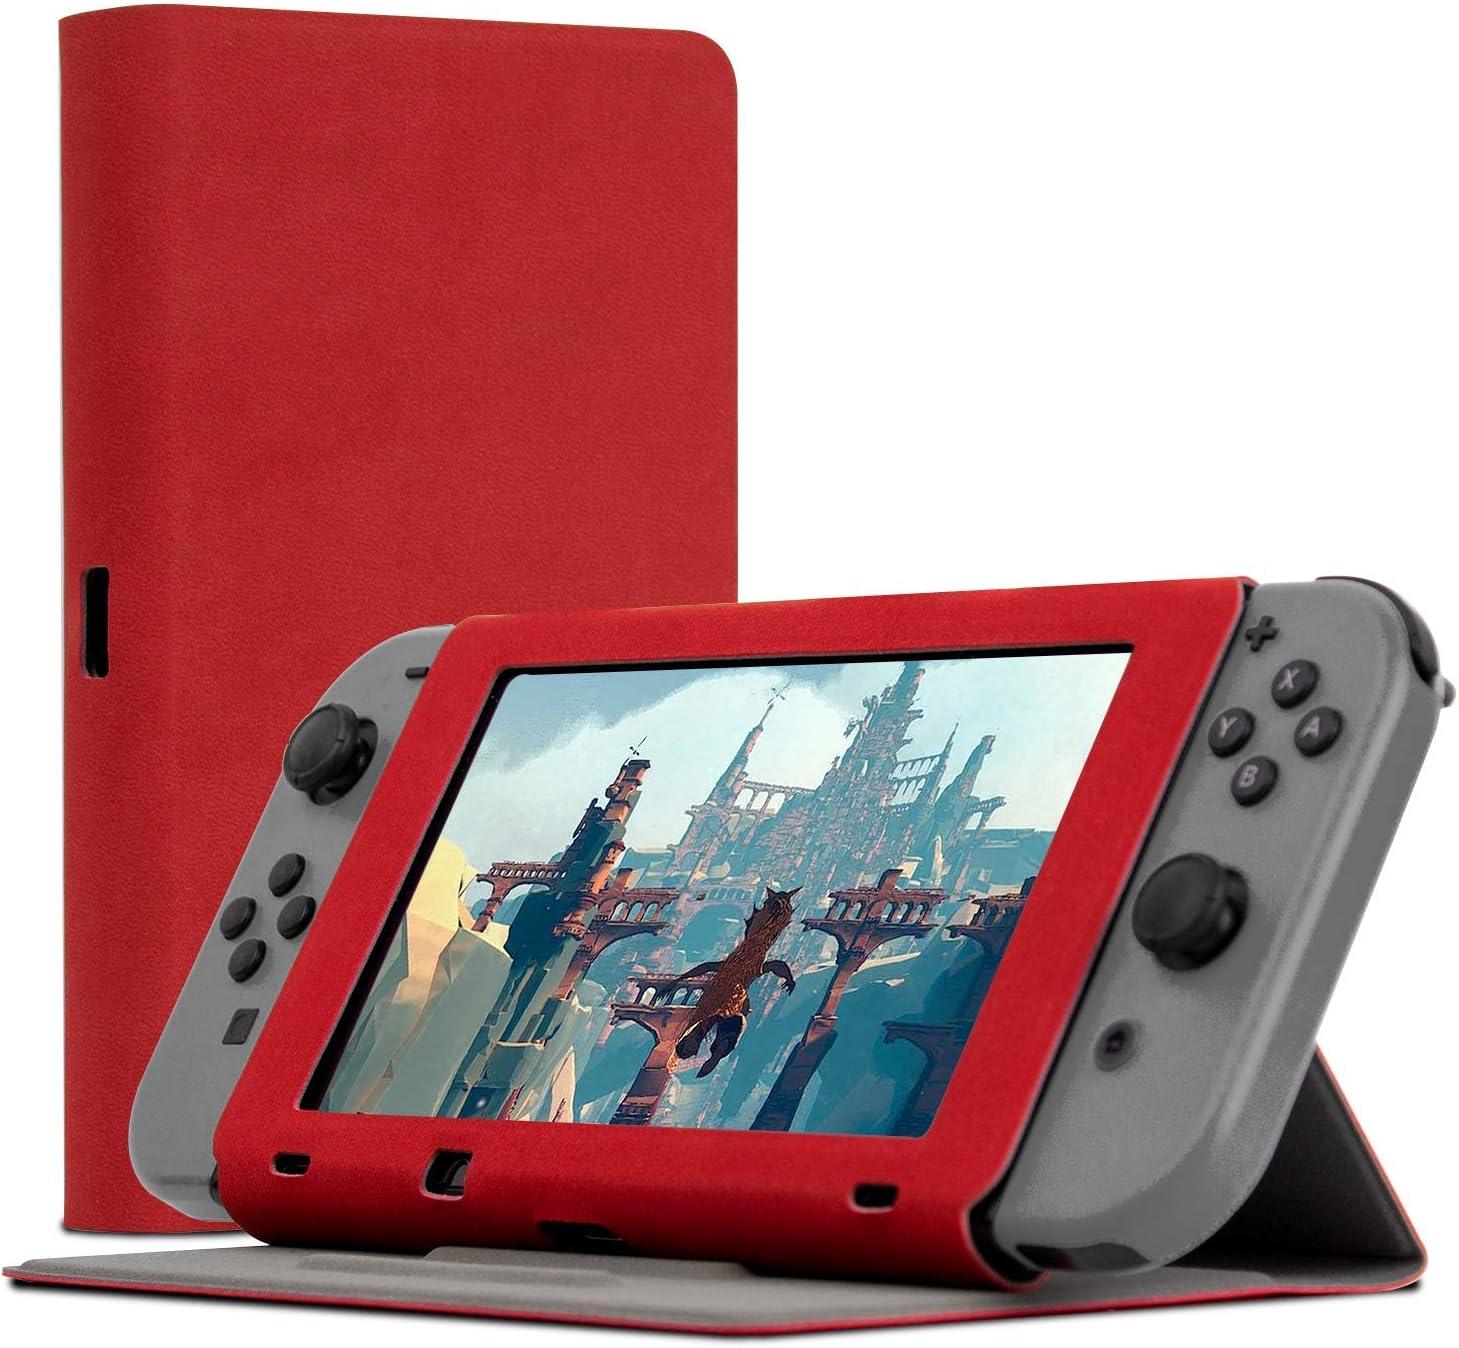 Funda de Orzly con Tapa y Soporte para la Nintendo Switch, Carcasa ROJA Multifuncional para la Nintendo Switch con Soporte Integrado y Tapa Protectora para la Pantalla de la Nintendo Switch: Amazon.es: